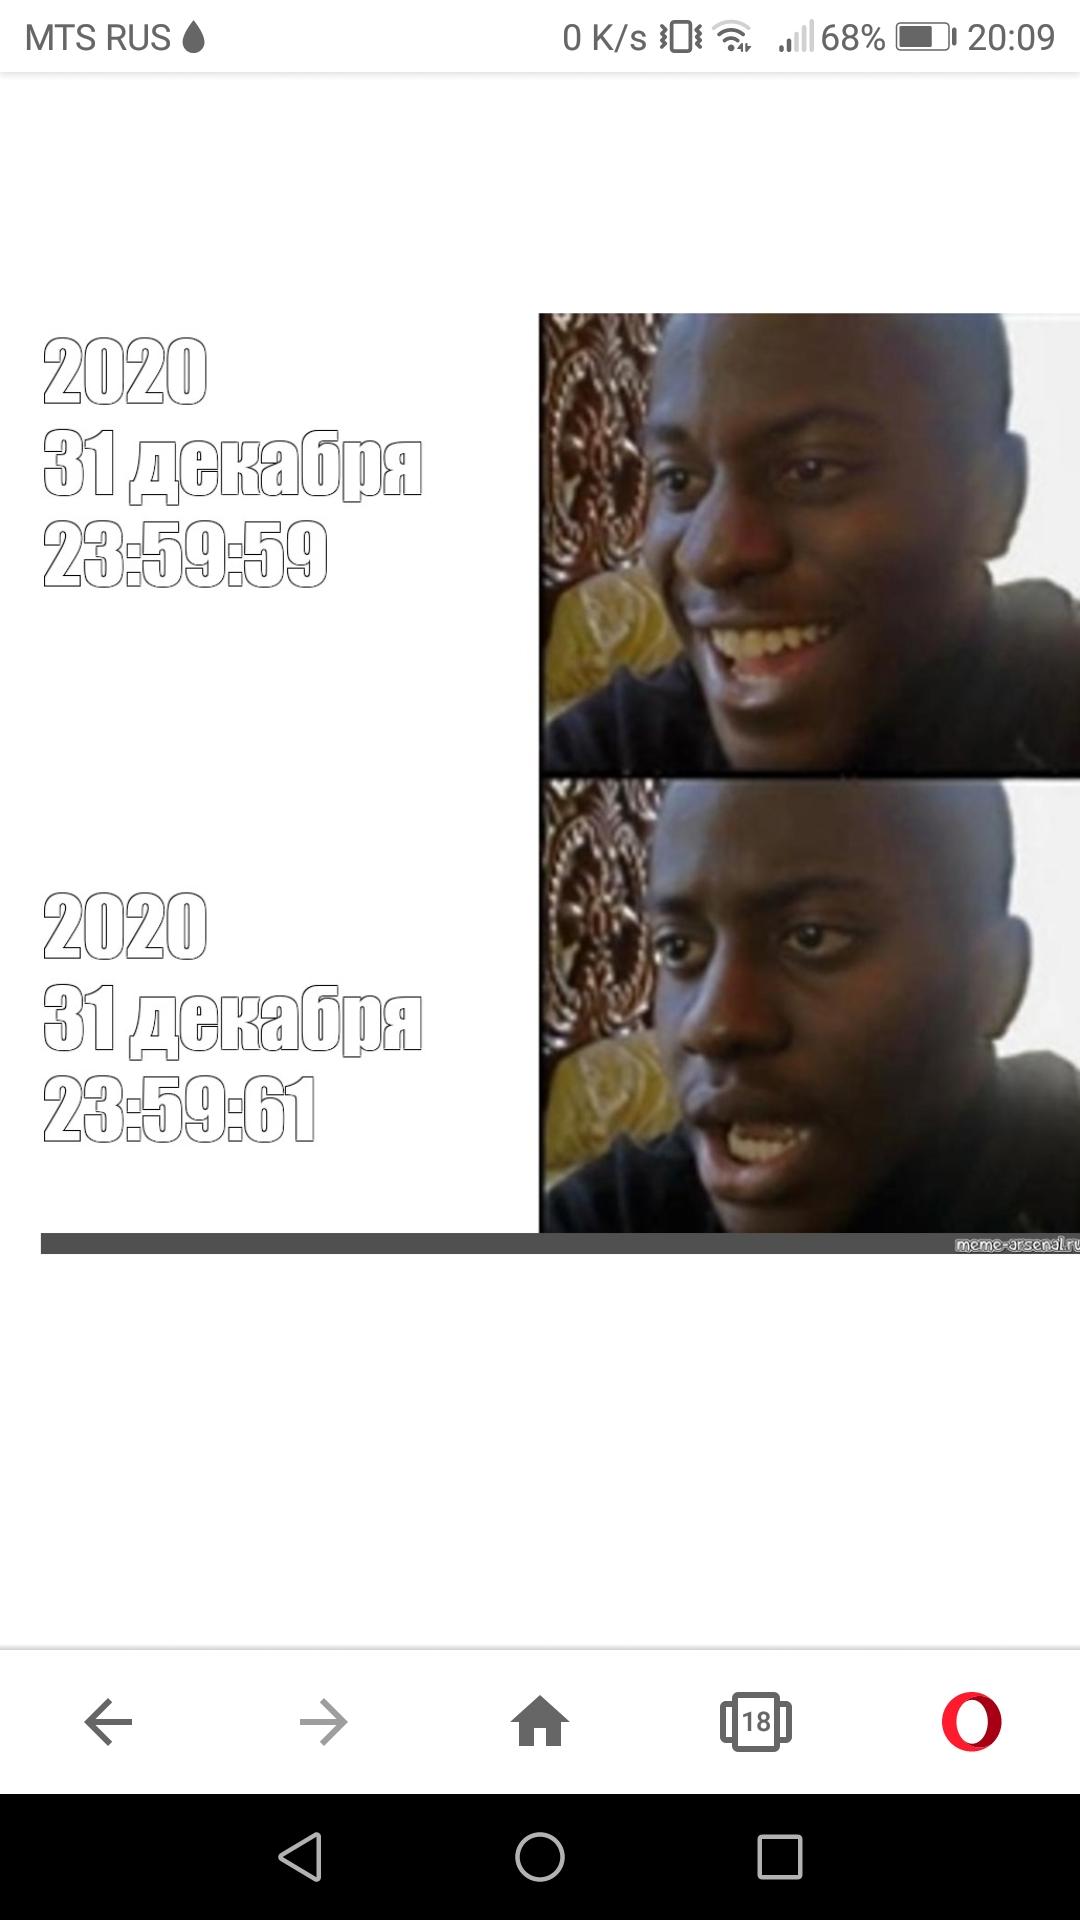 2020_23_59_61.JPG